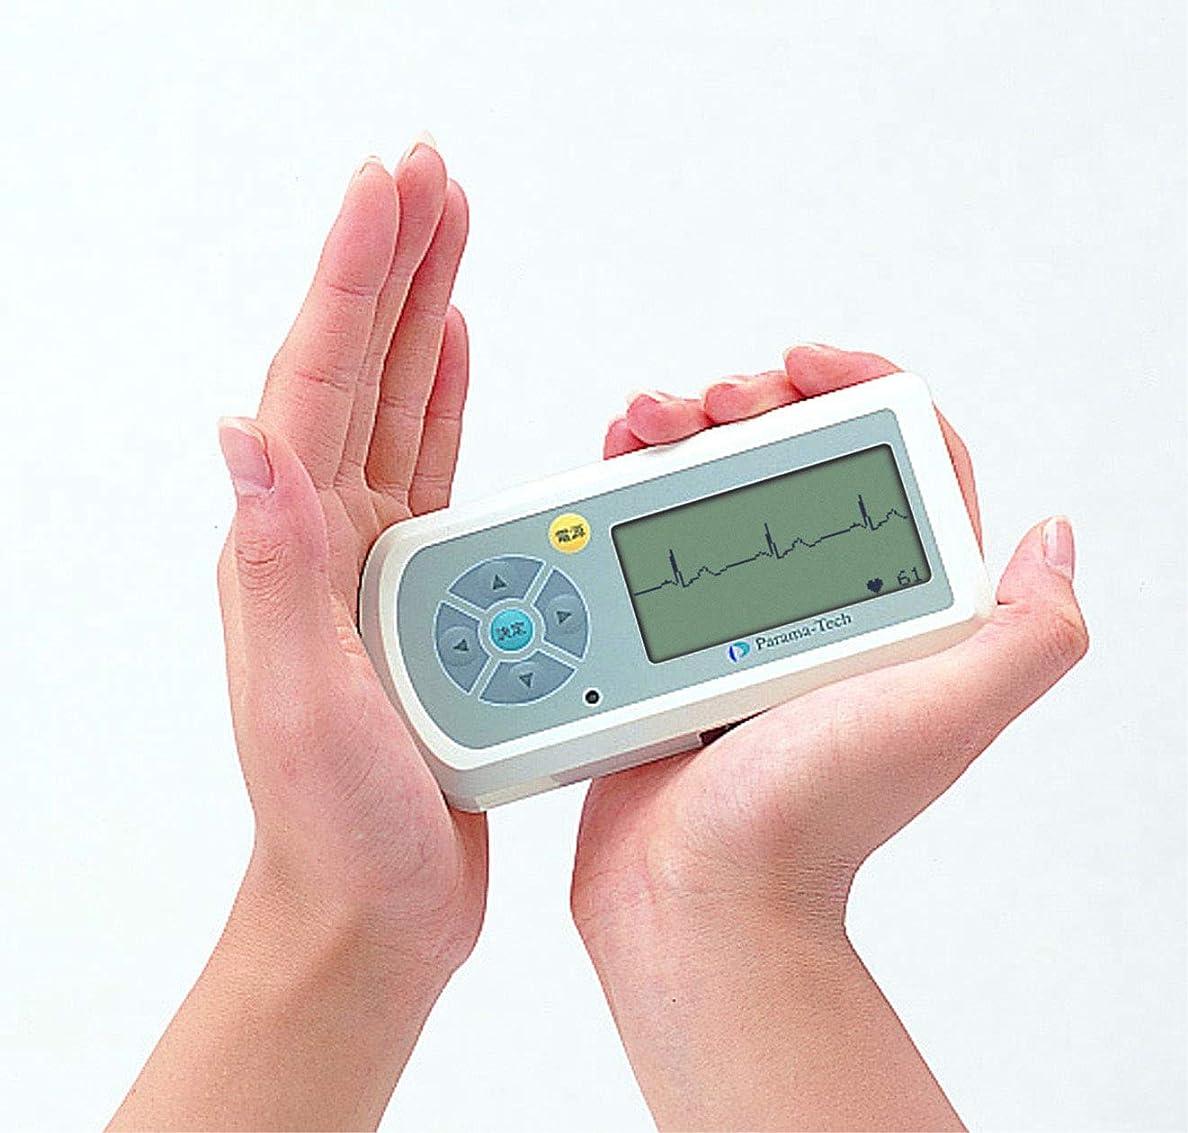 宣言する重々しいスピン心電図記憶装置 EP201